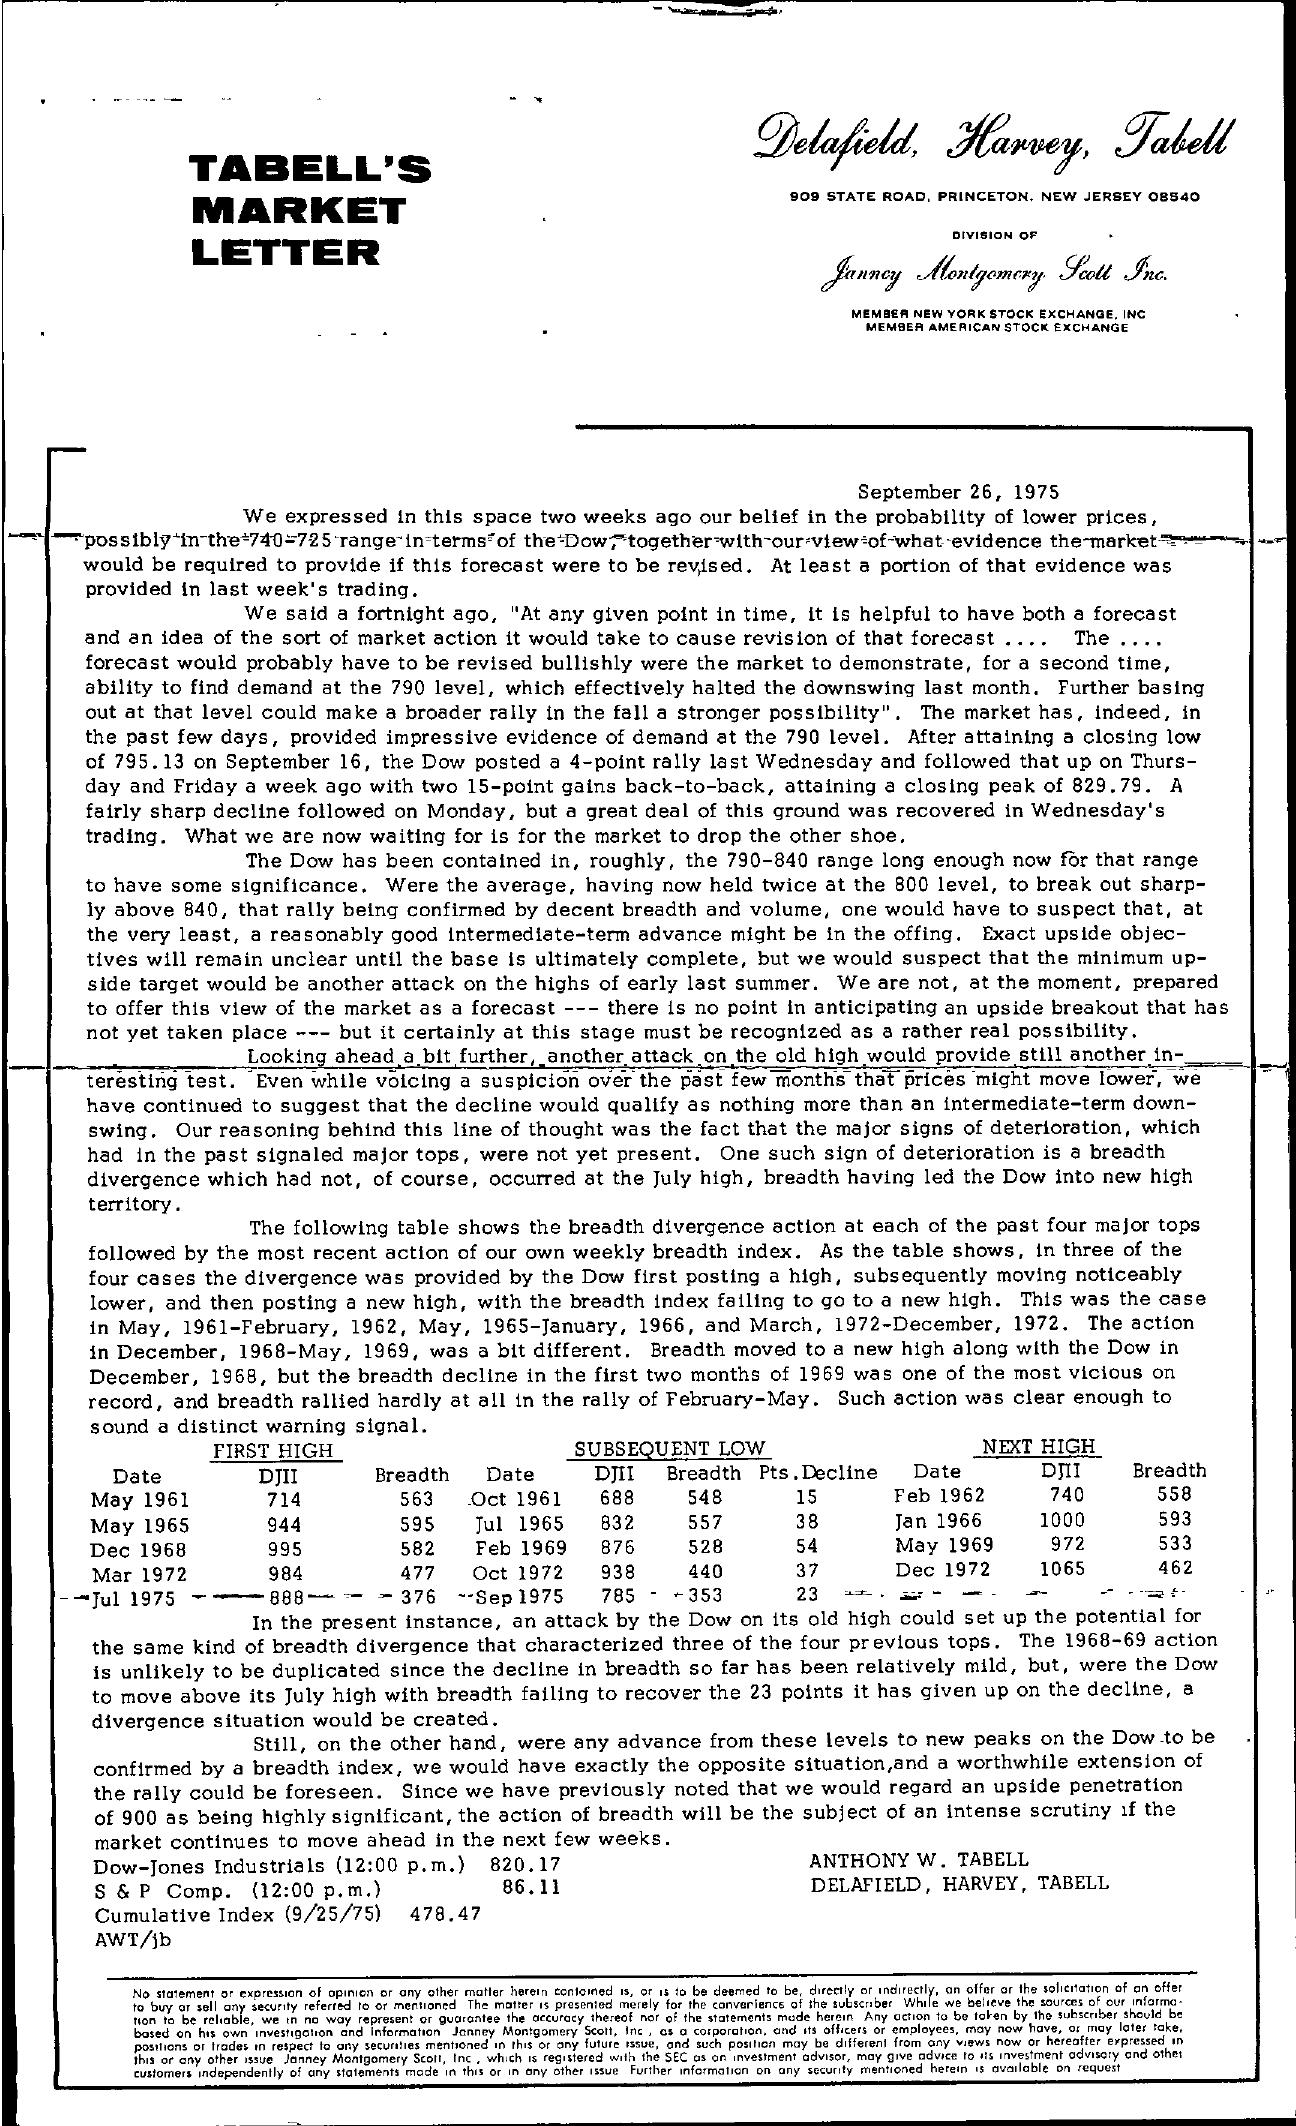 Tabell's Market Letter - September 26, 1975